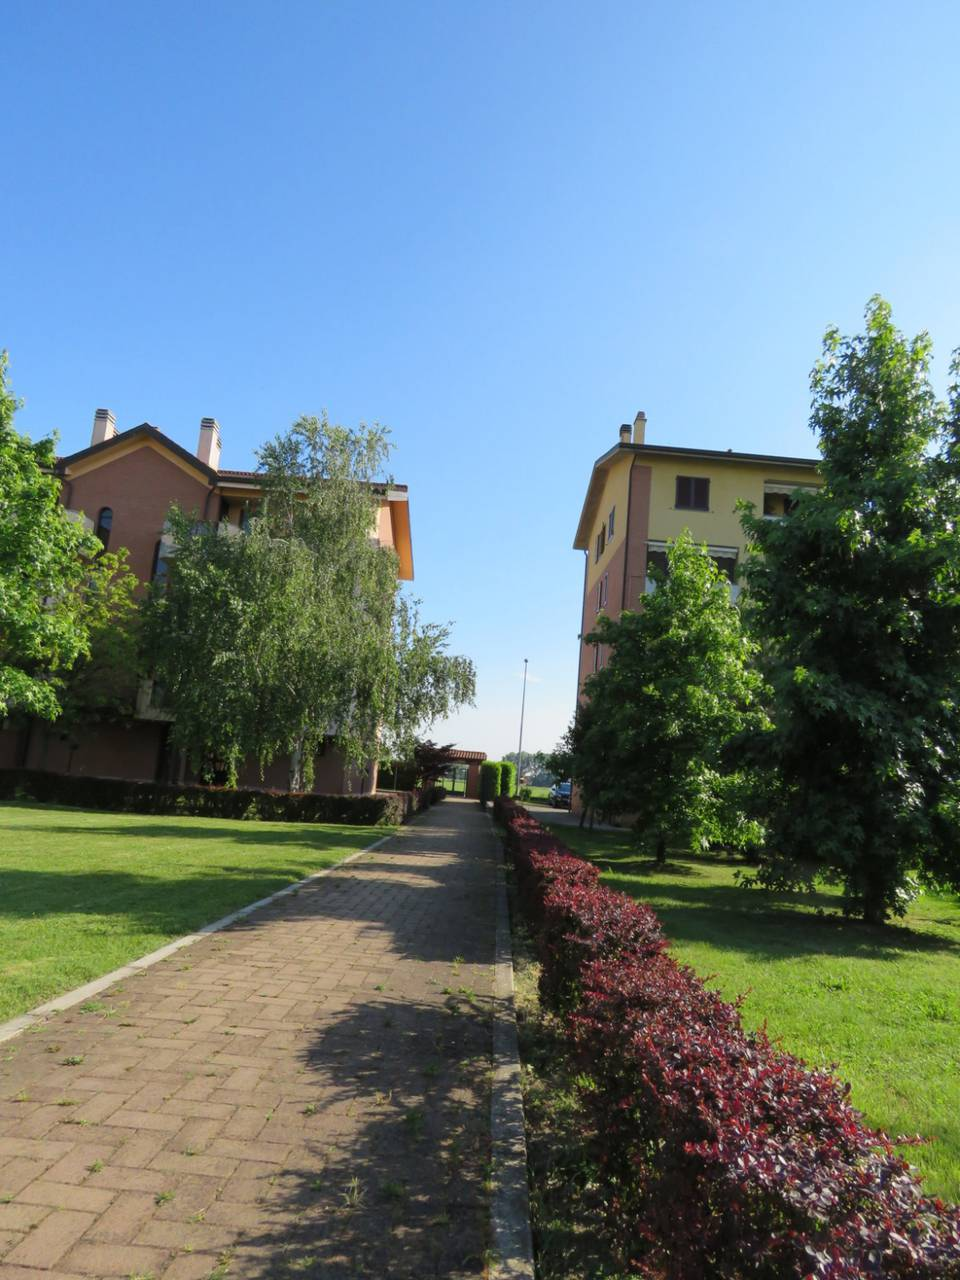 Vendita-Trilocale-via-Luciano-Manara-41-San-Giuliano-Milanese-13